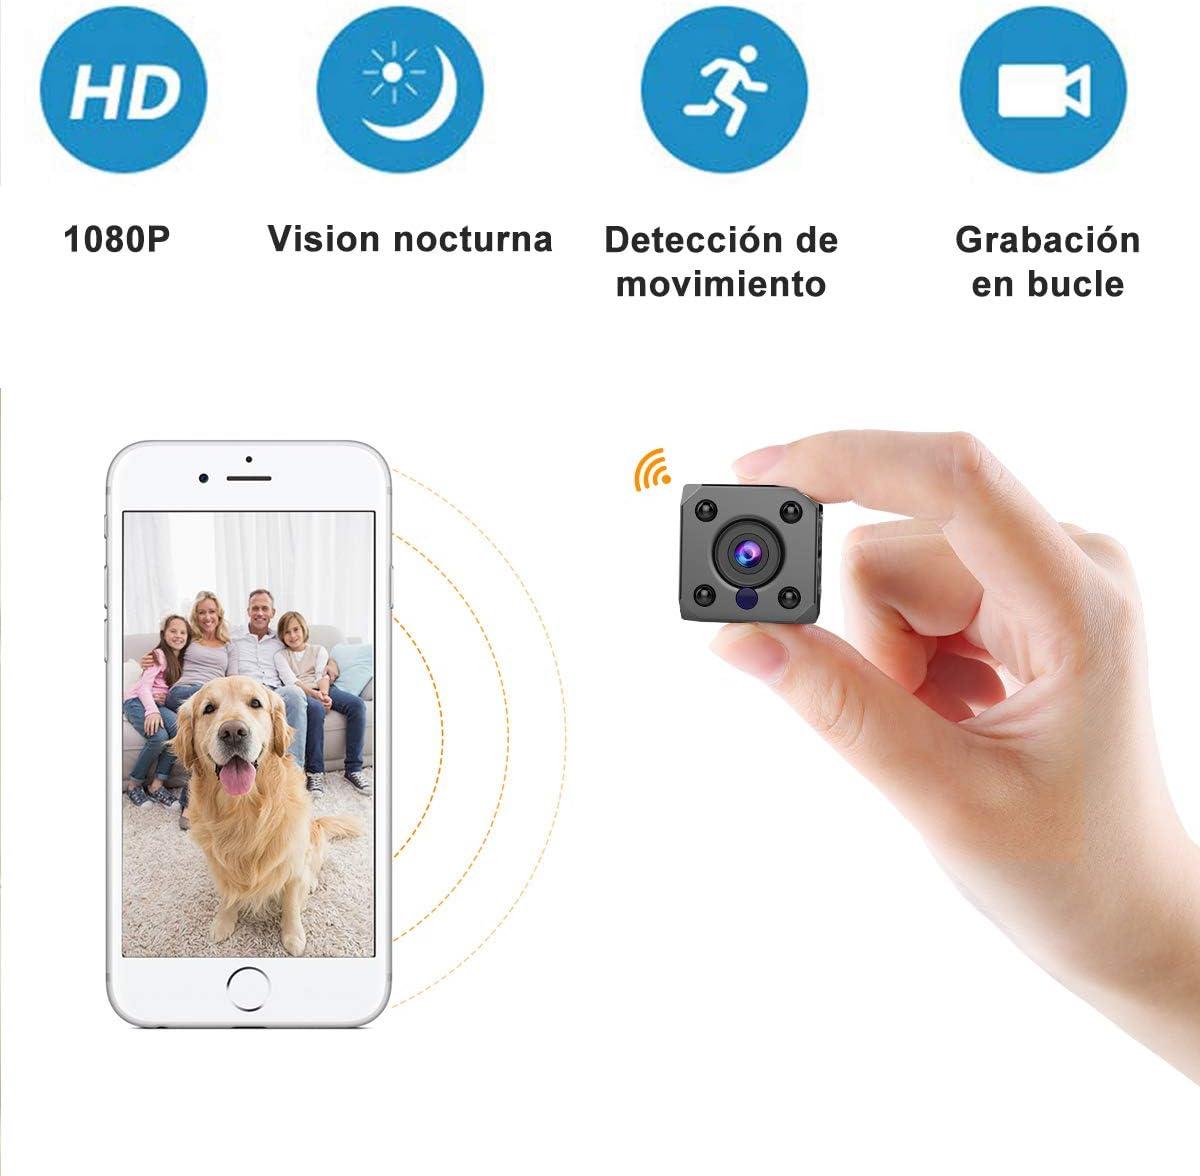 Mini telecamera spia NaCot WiFi Telecamera di sicurezza HD 1080P da interno rilevamento del movimento per uso domestico auto drone visione notturna e di movimento ufficio o allaperto